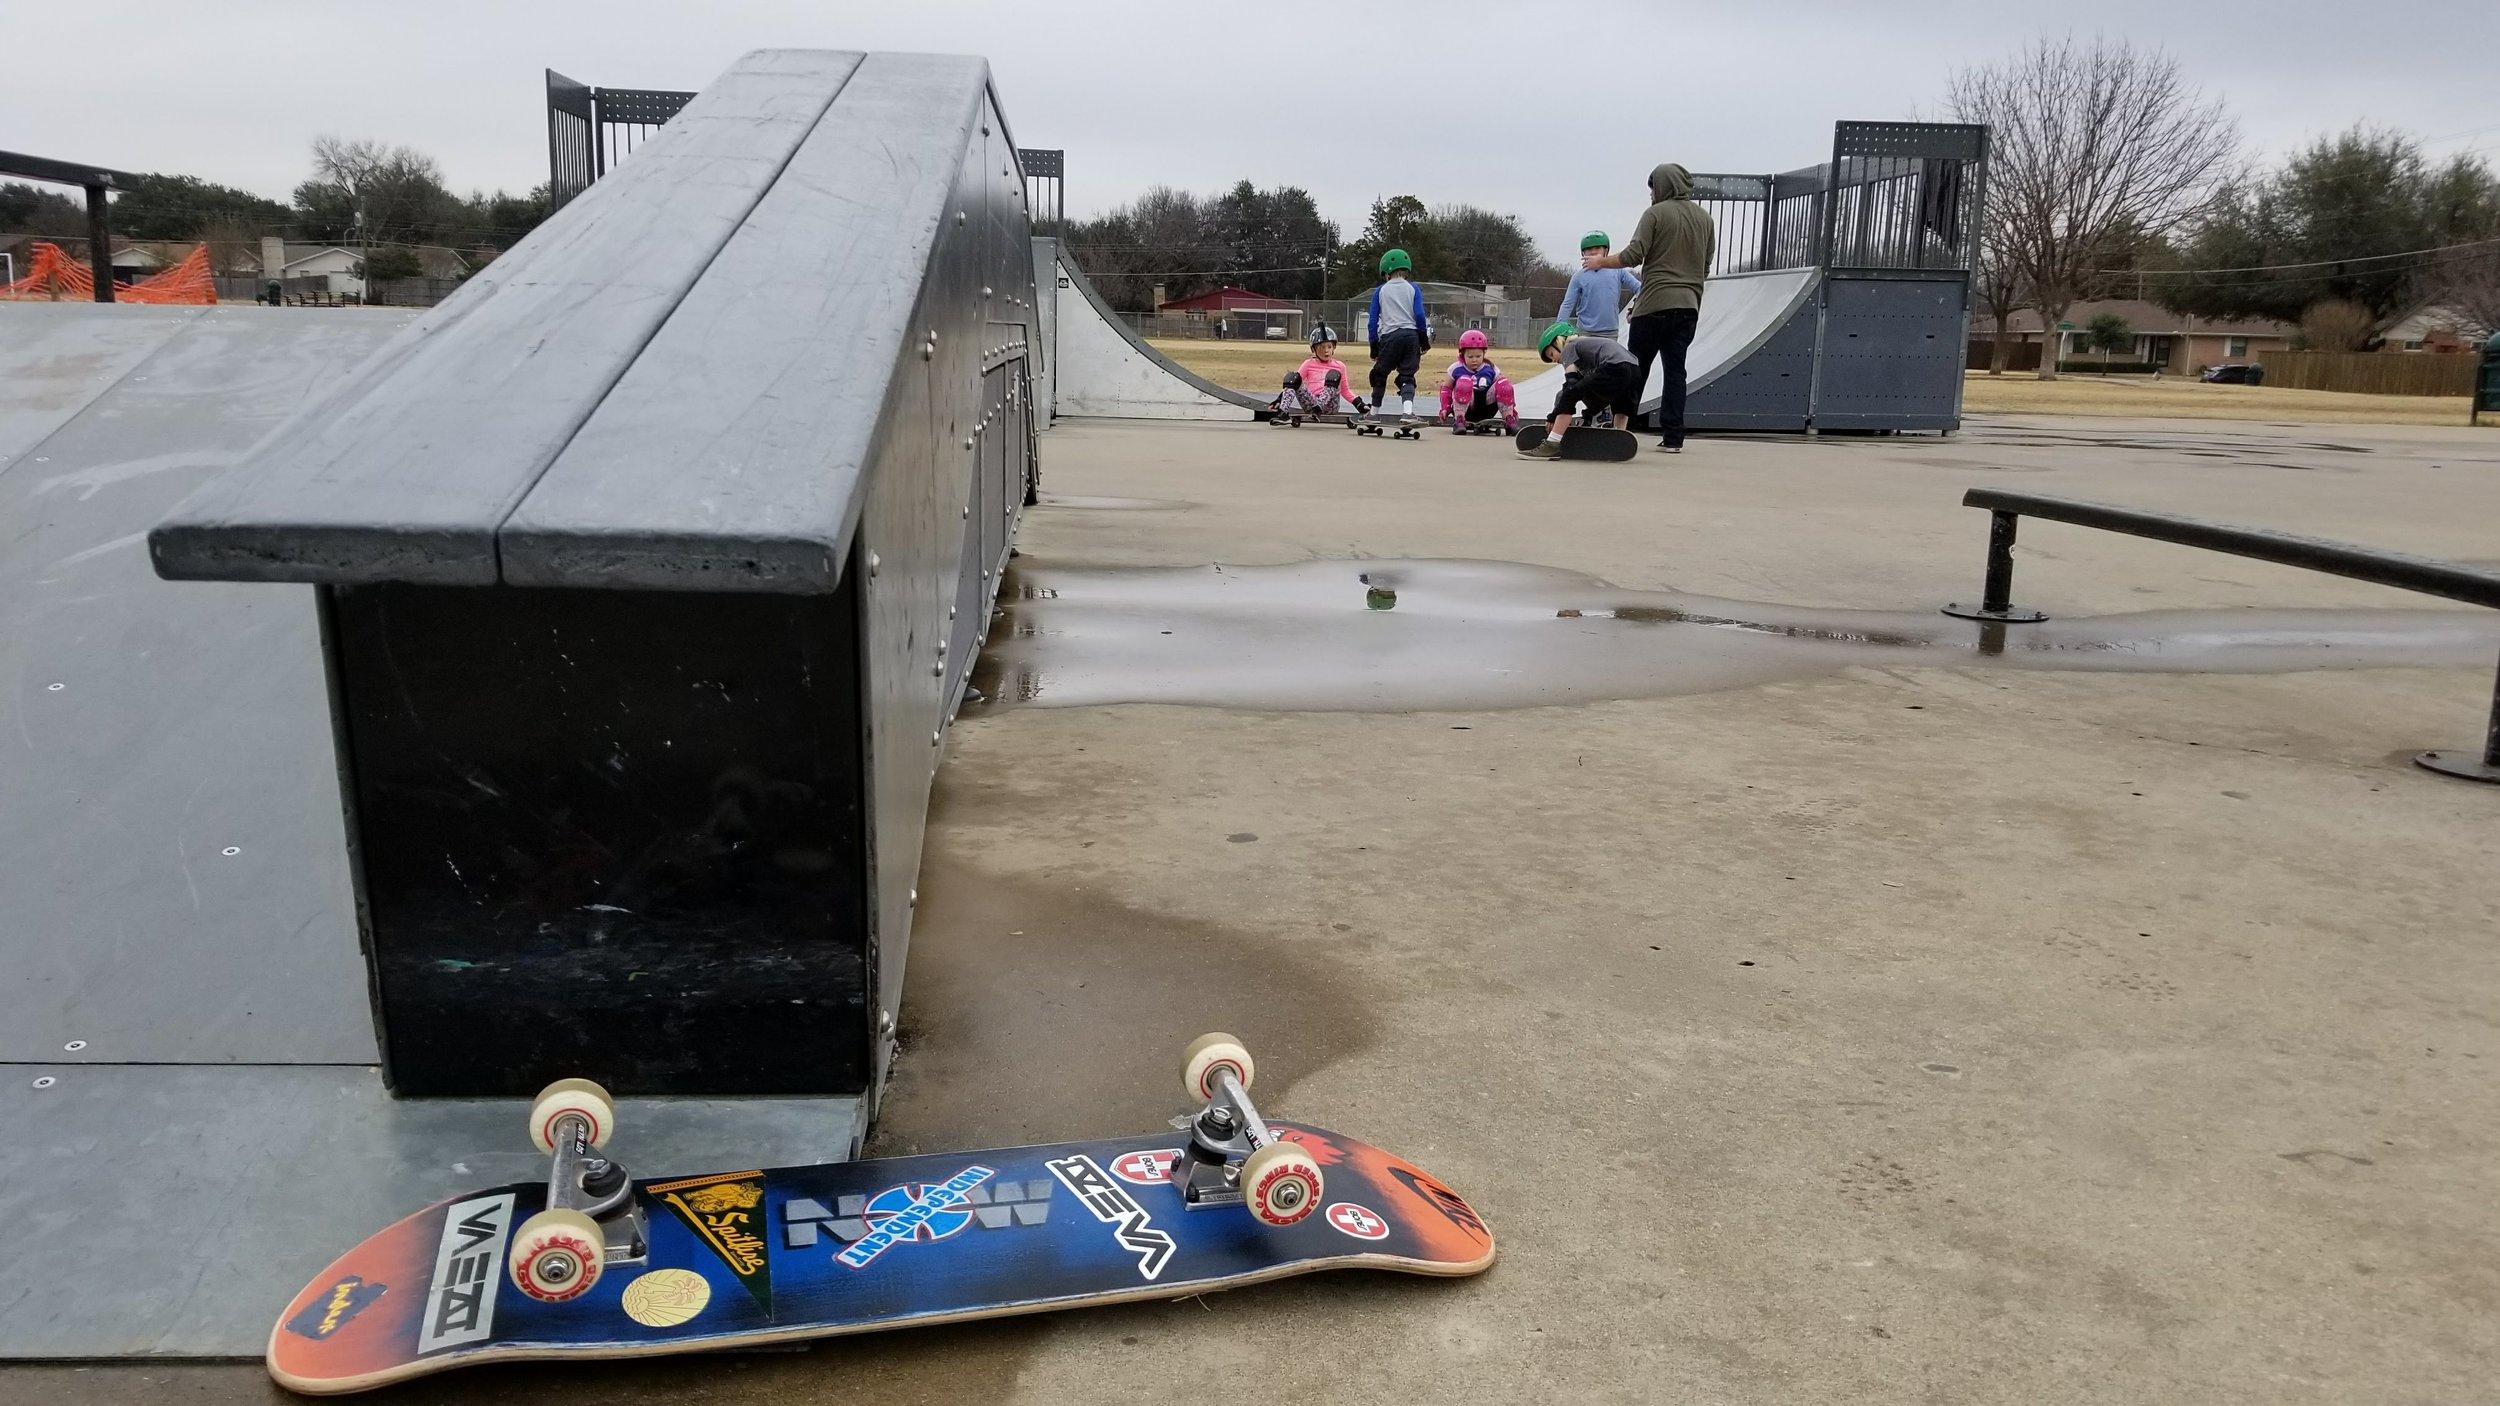 St Francis Skatepark